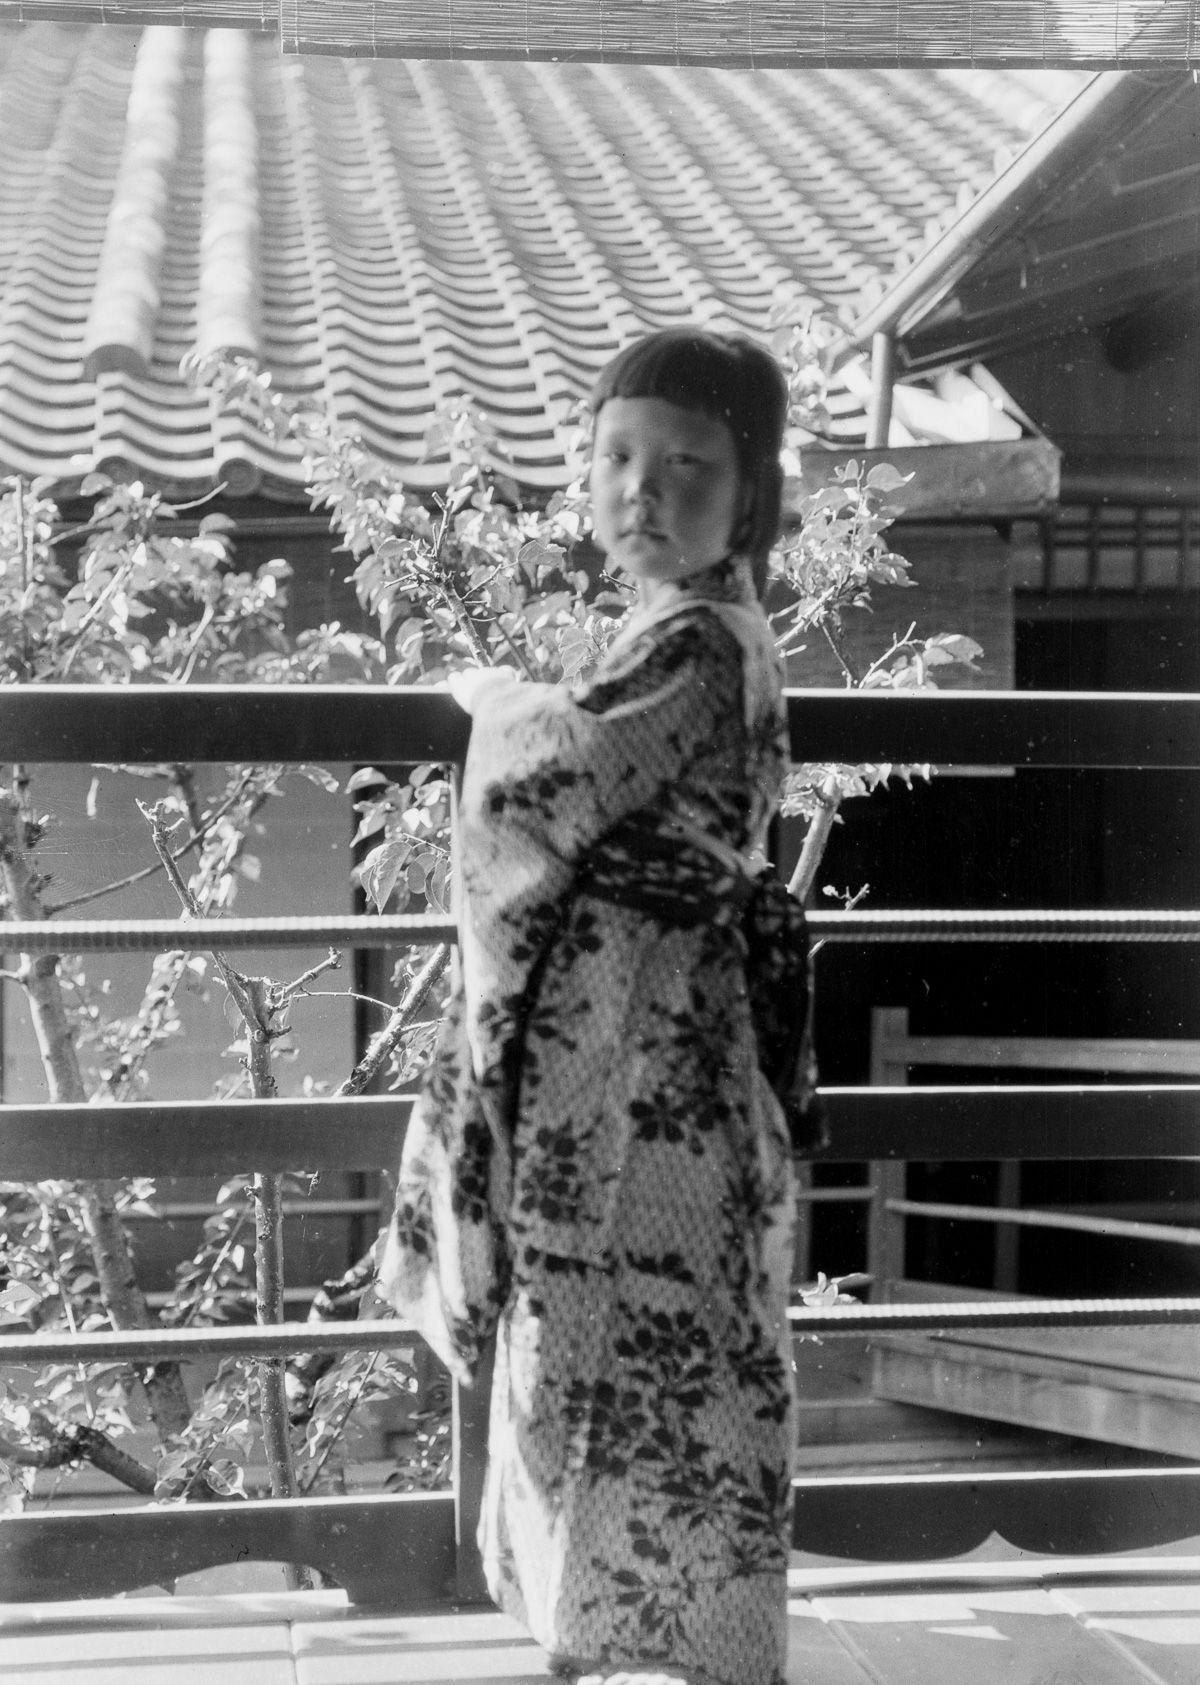 Yaponiya istoricheskie foto Arnold Dzhente 32